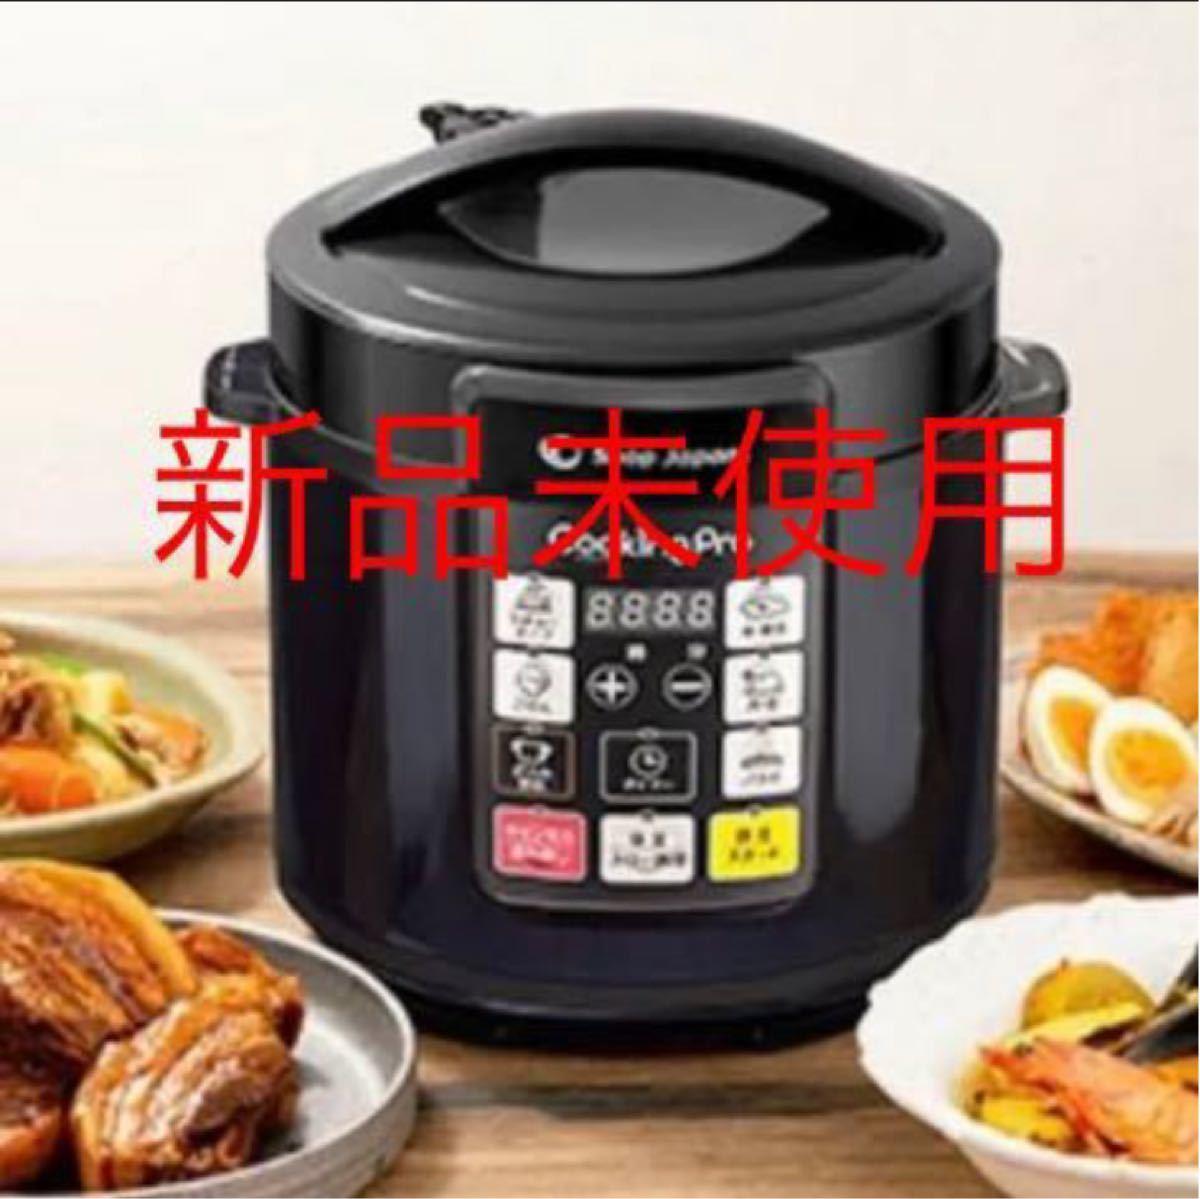 【新品未開封】ショップジャパン 電気圧力鍋 ブラック